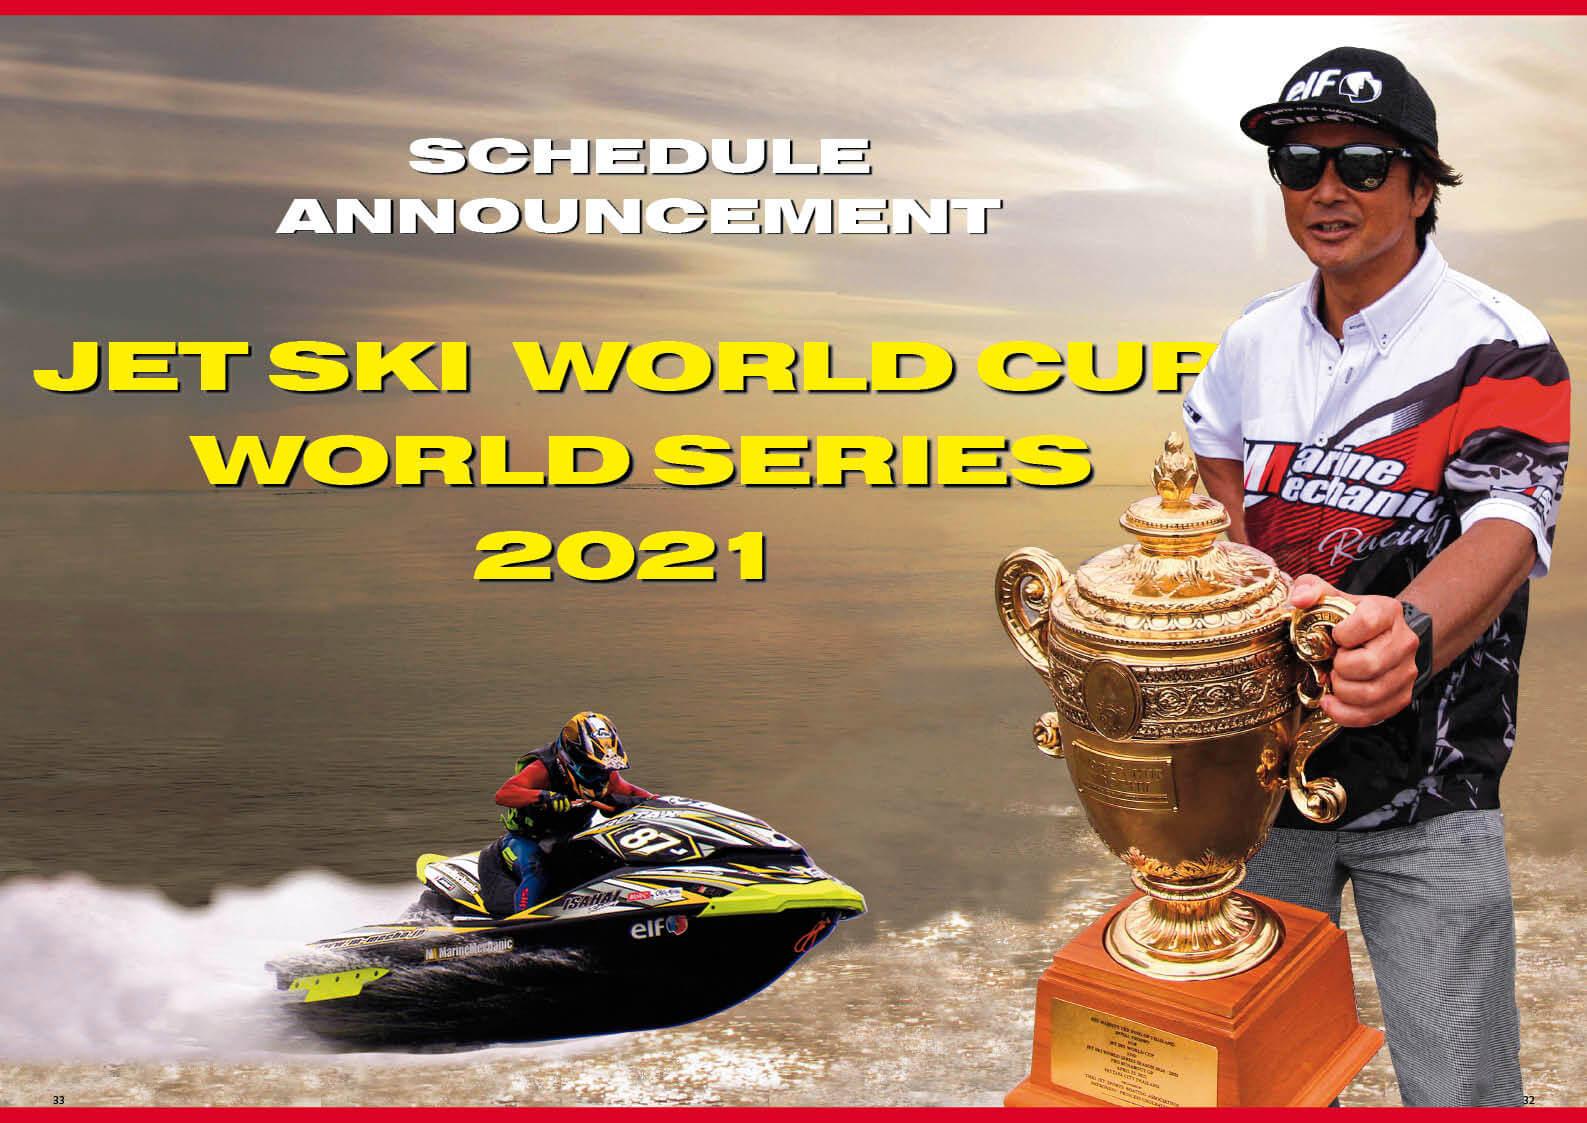 【国際レース】「JETSKI WORLD Series 2021」の開催日程が発表されました ジェットスキー(水上バイク)